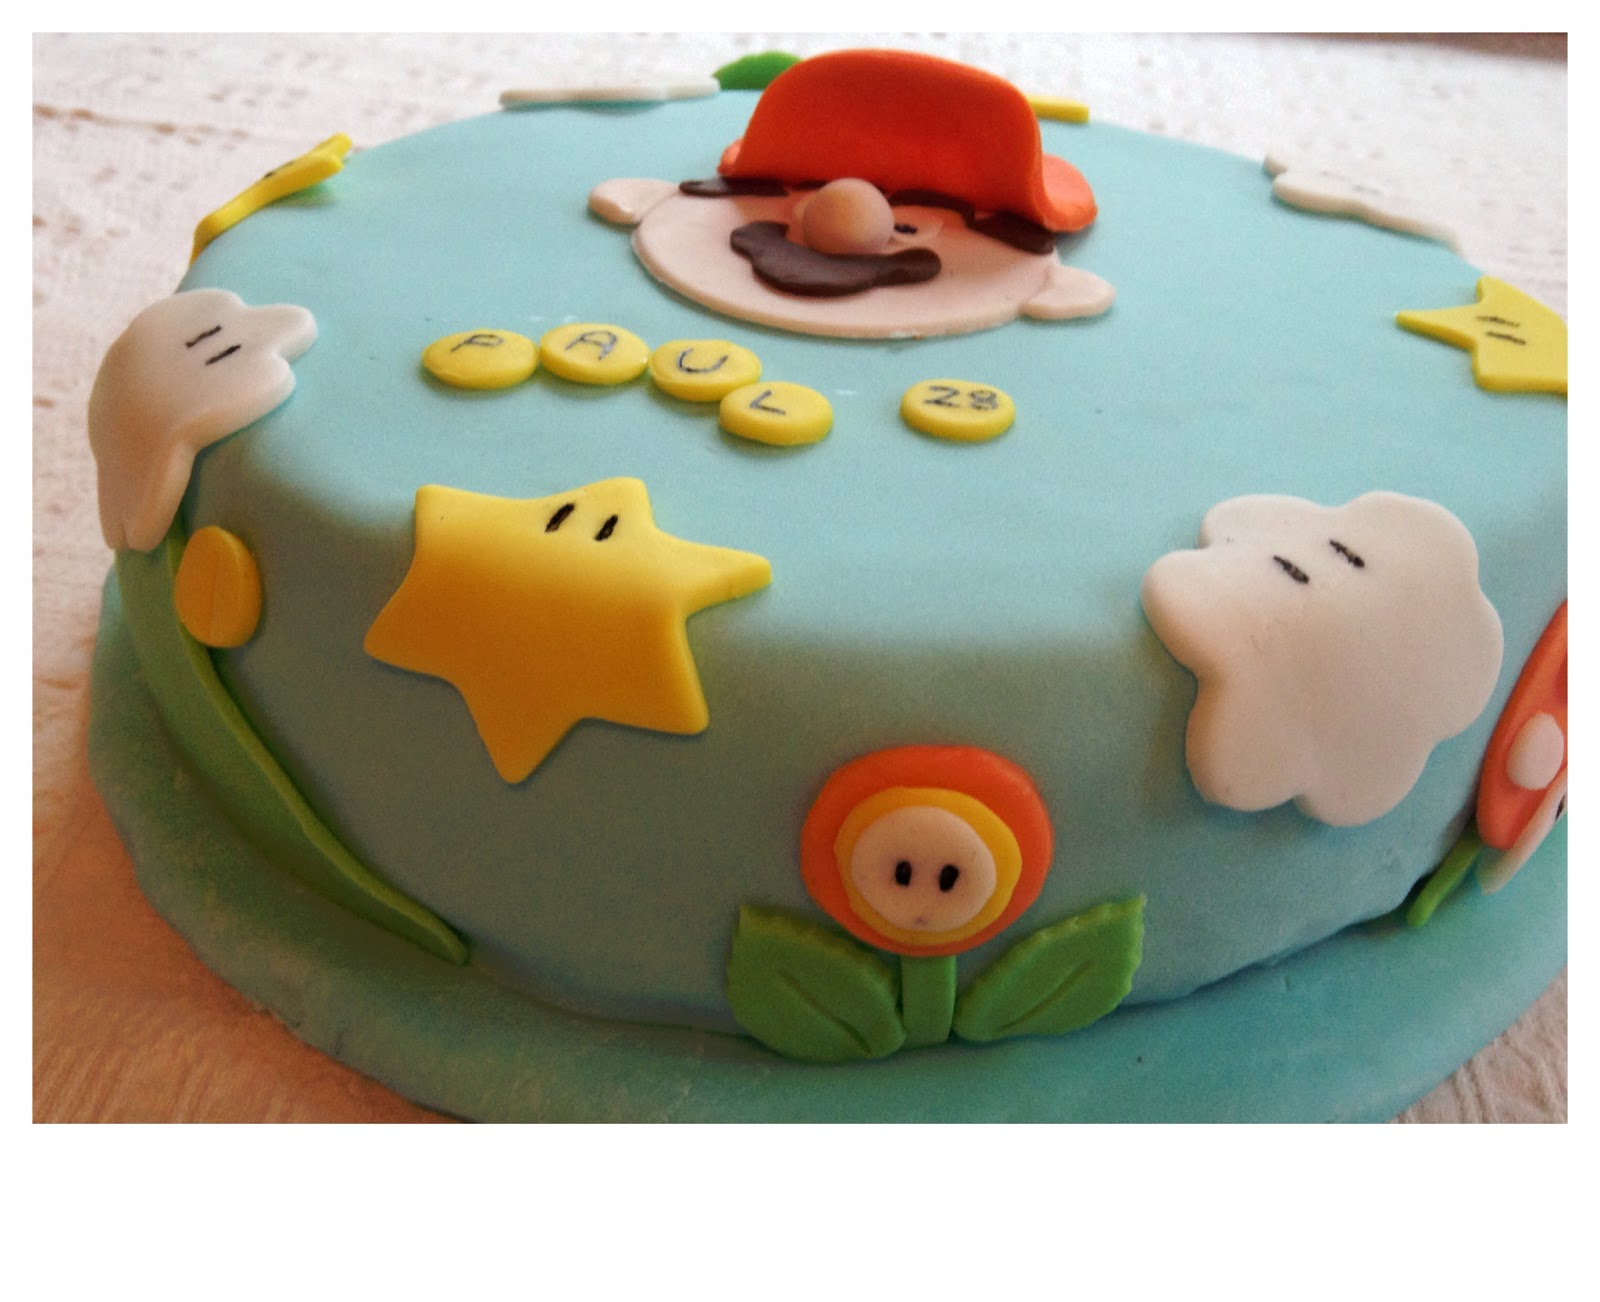 Super Mario Kuchen : die raupe nimmersatt essen macht spa super mario kuchen ~ Frokenaadalensverden.com Haus und Dekorationen